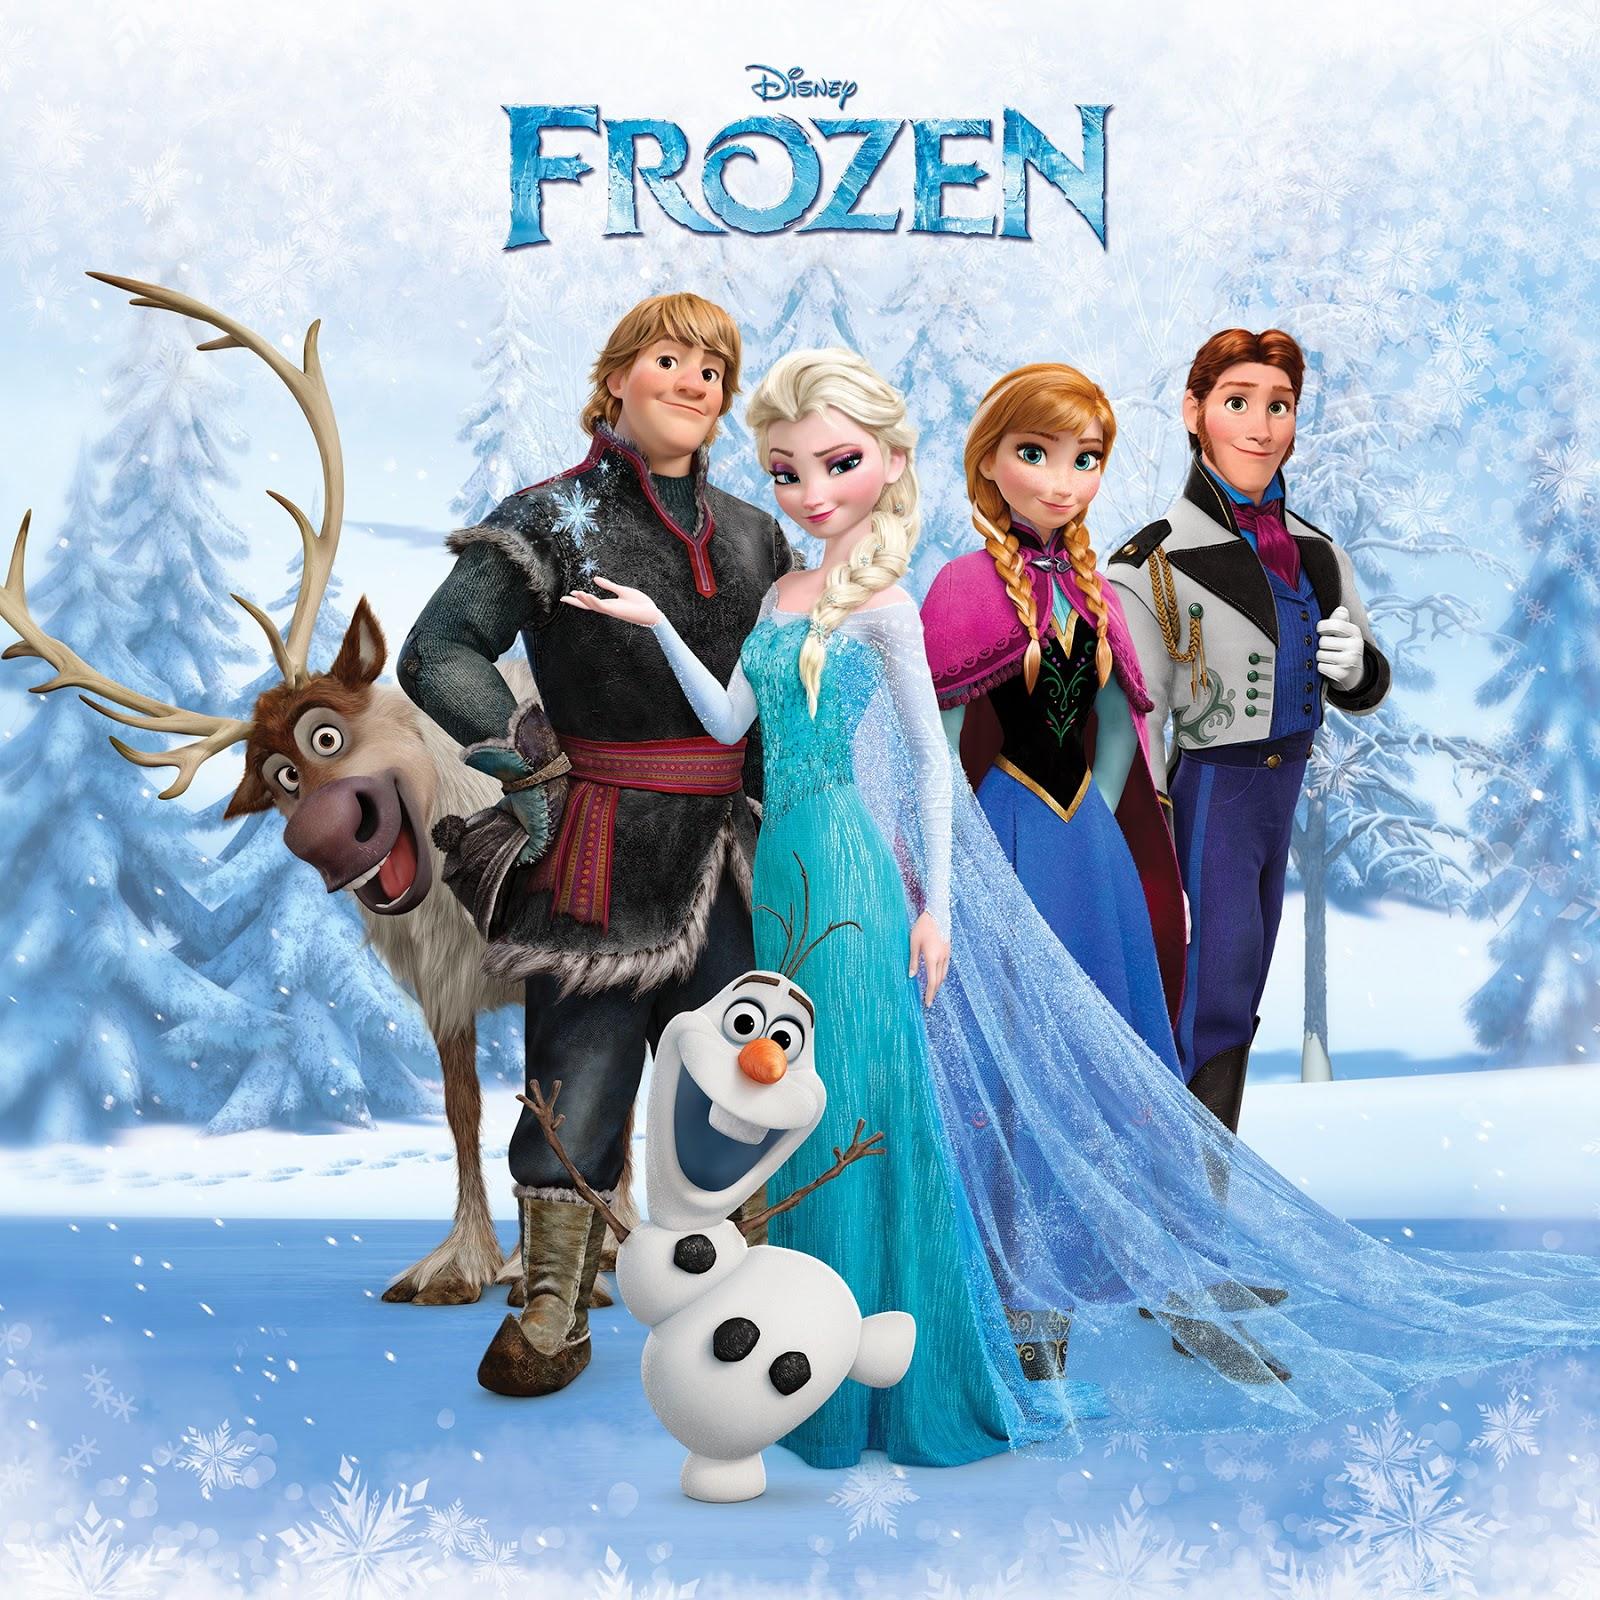 Imagens Frozen Uma Aventura Congelante Beautiful relíquias de uma sonhadora: eu indico: frozen - uma aventura